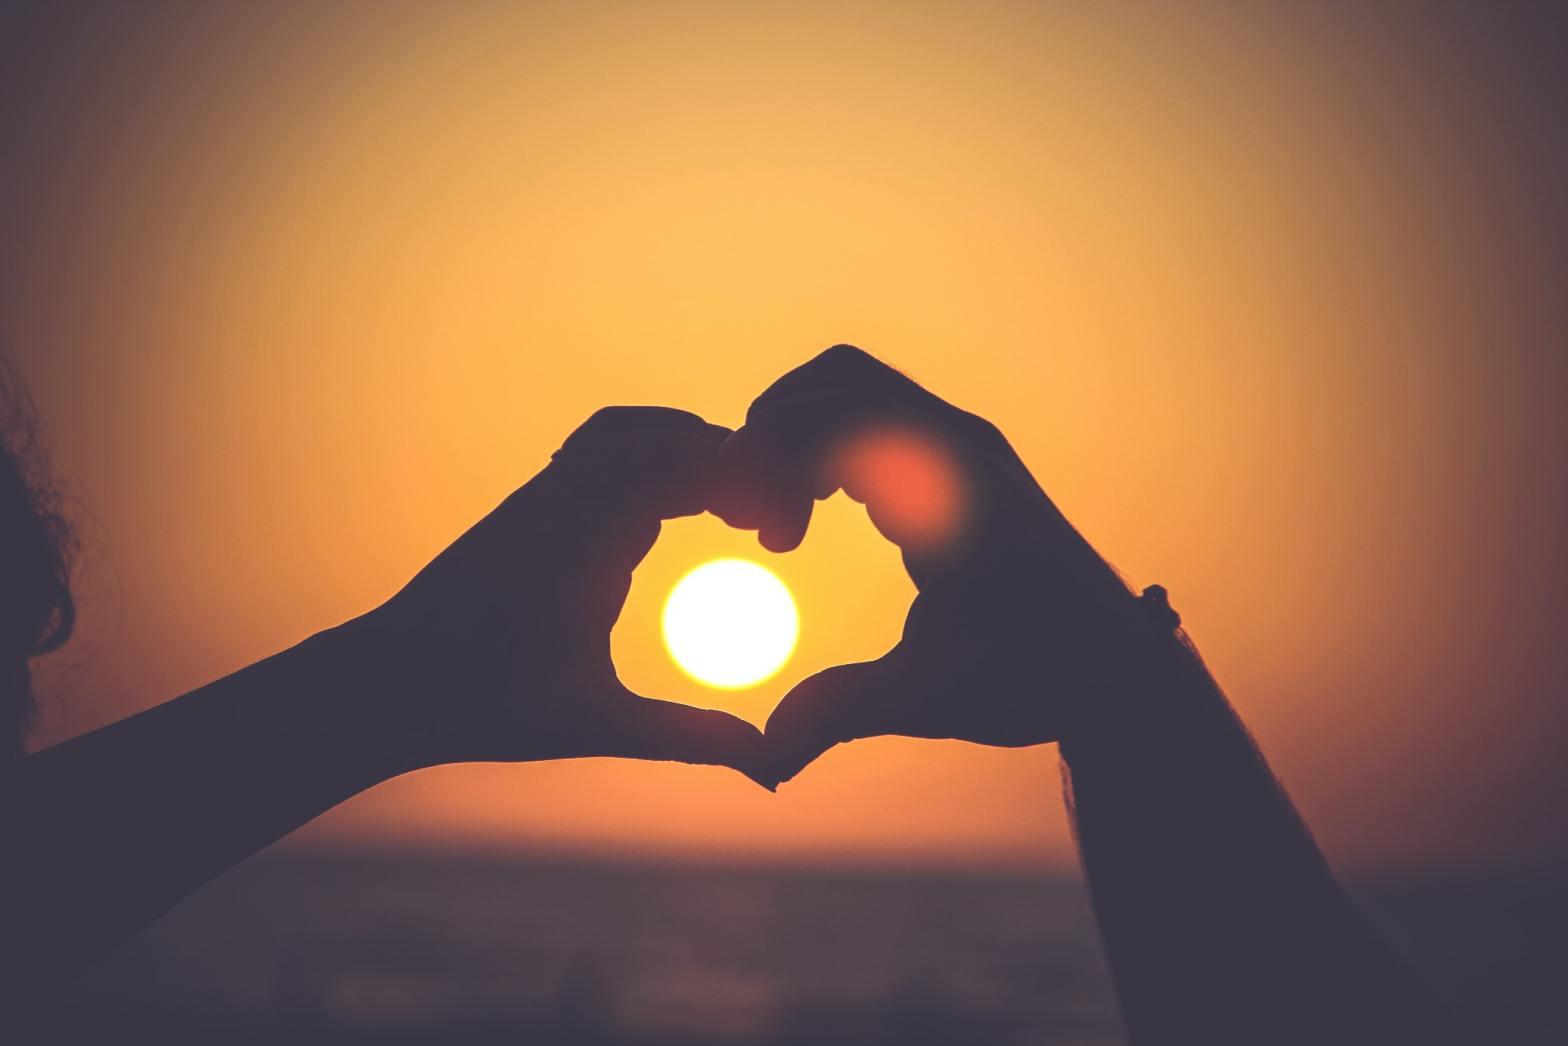 Liebe sprüche und zitate Liebe: Zitate